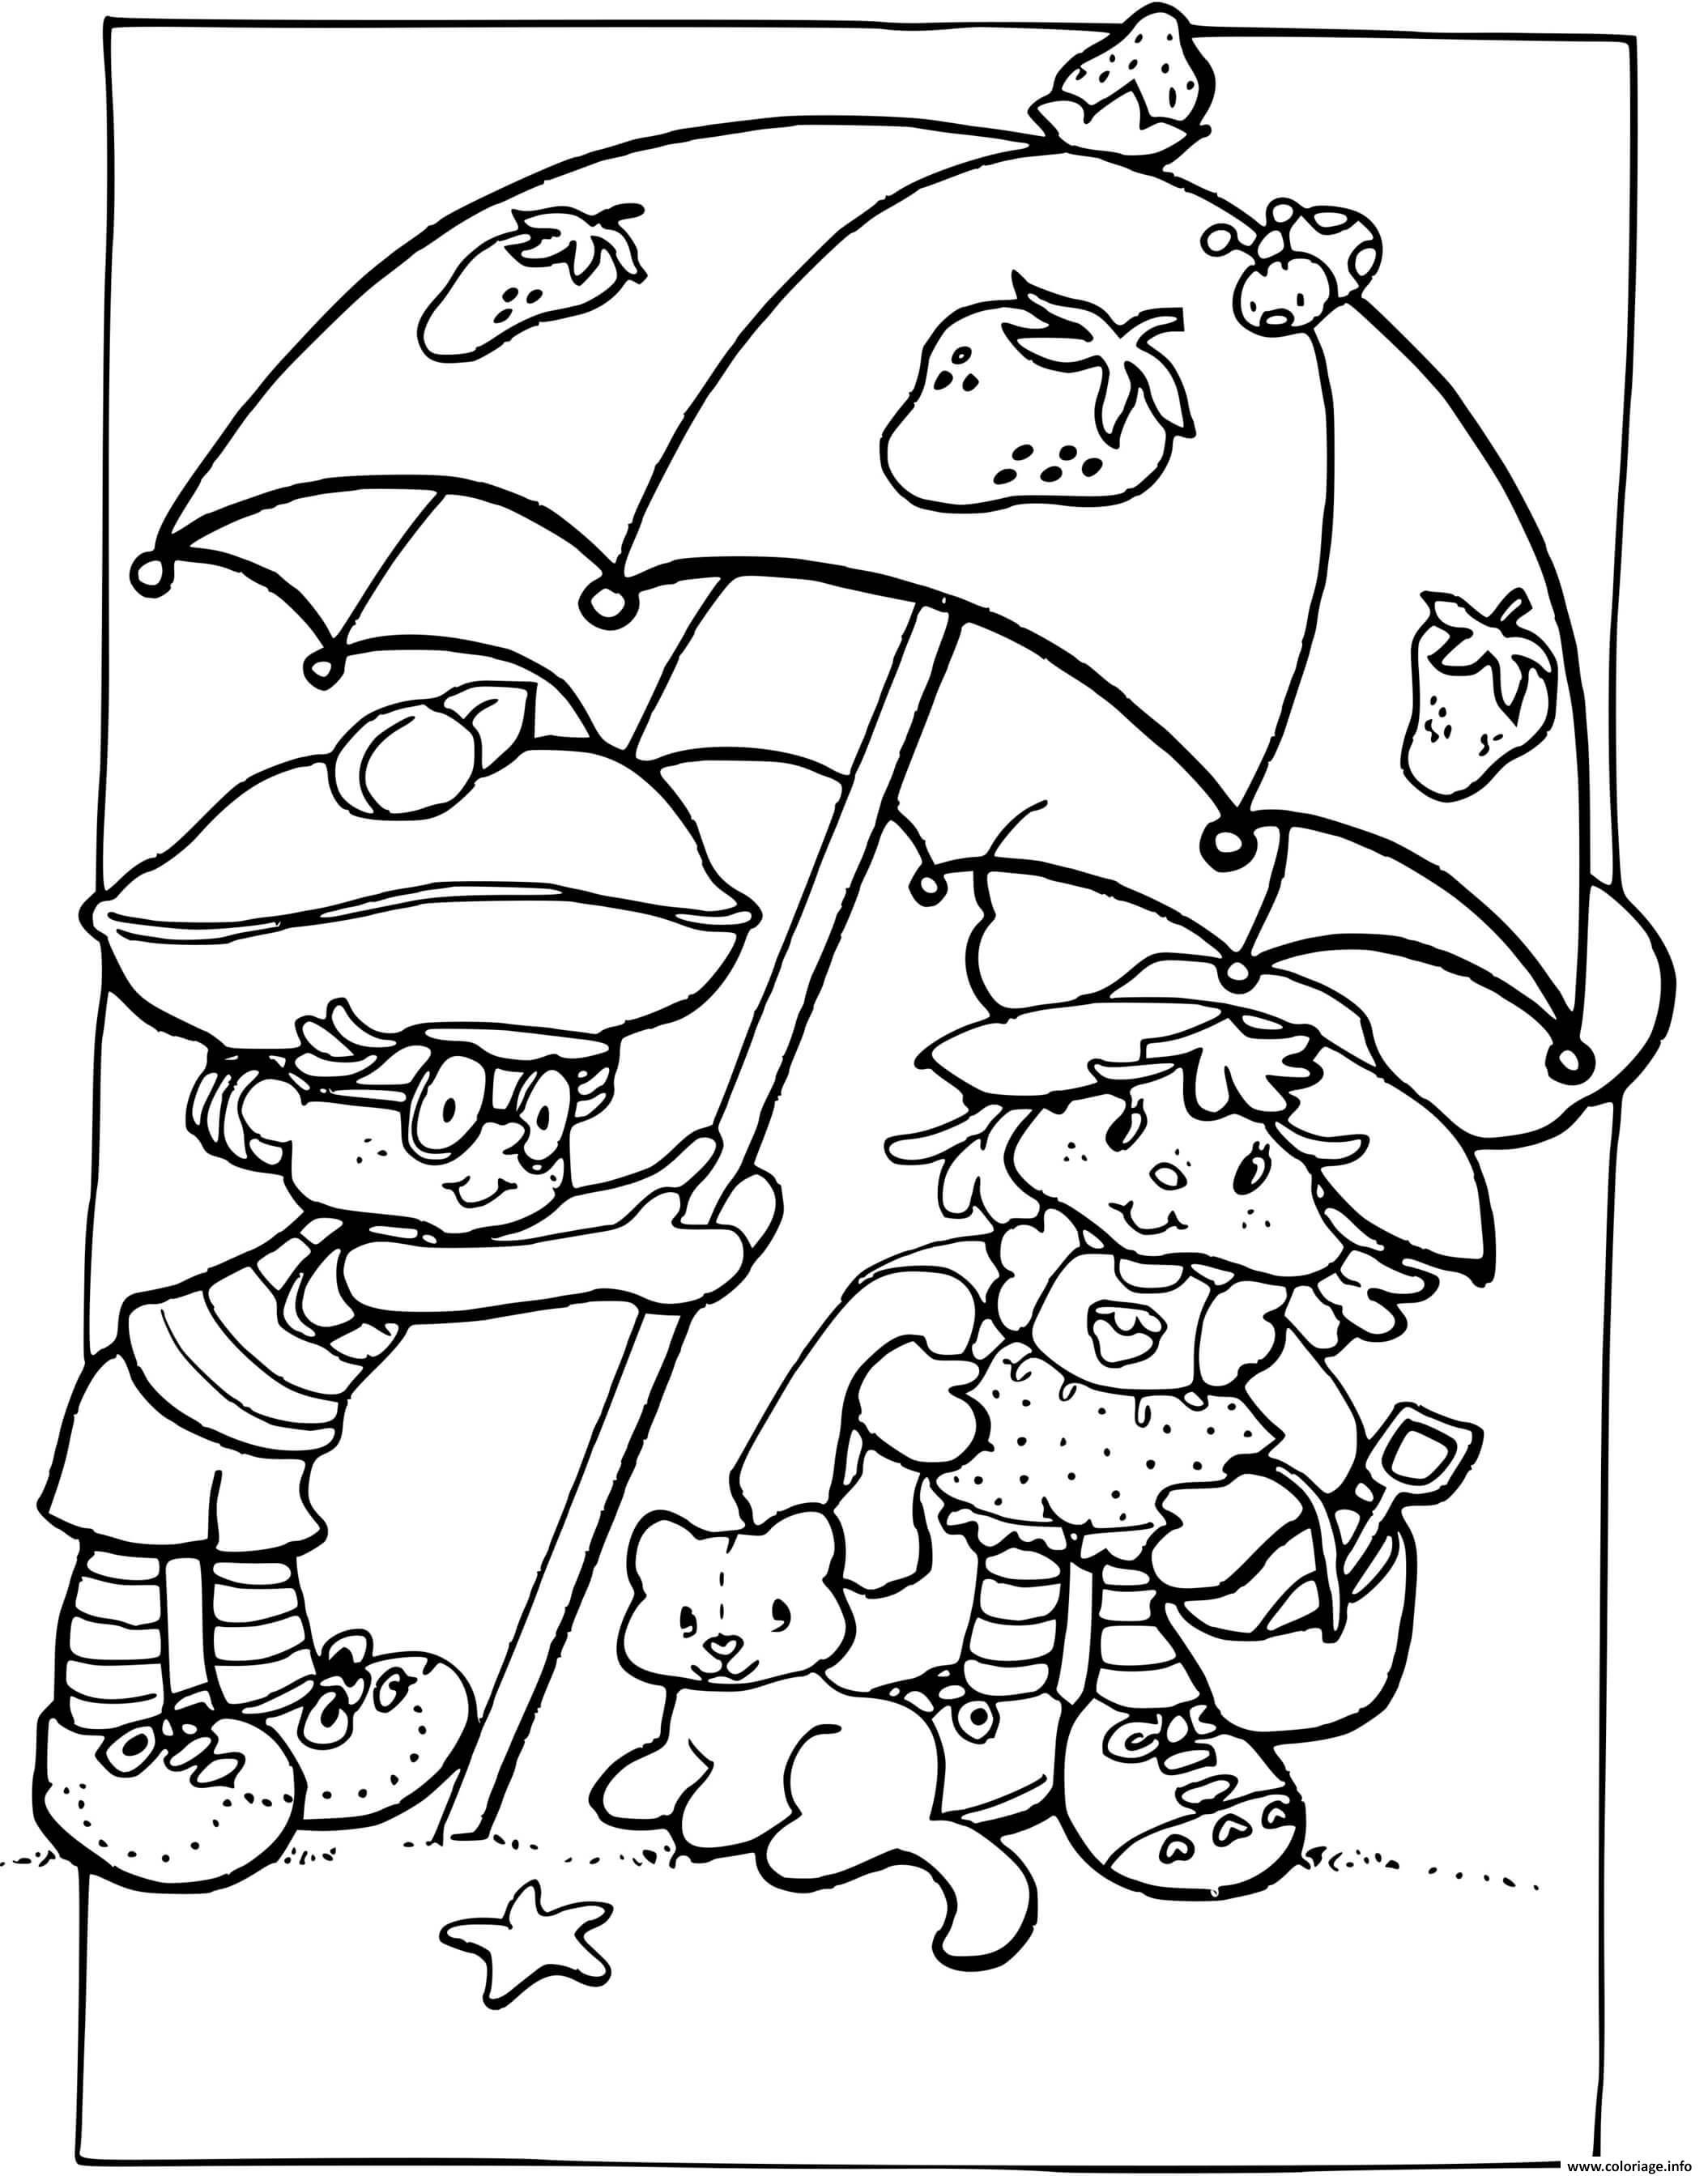 Dessin Charlotte aux fraises sous un parasol Coloriage Gratuit à Imprimer